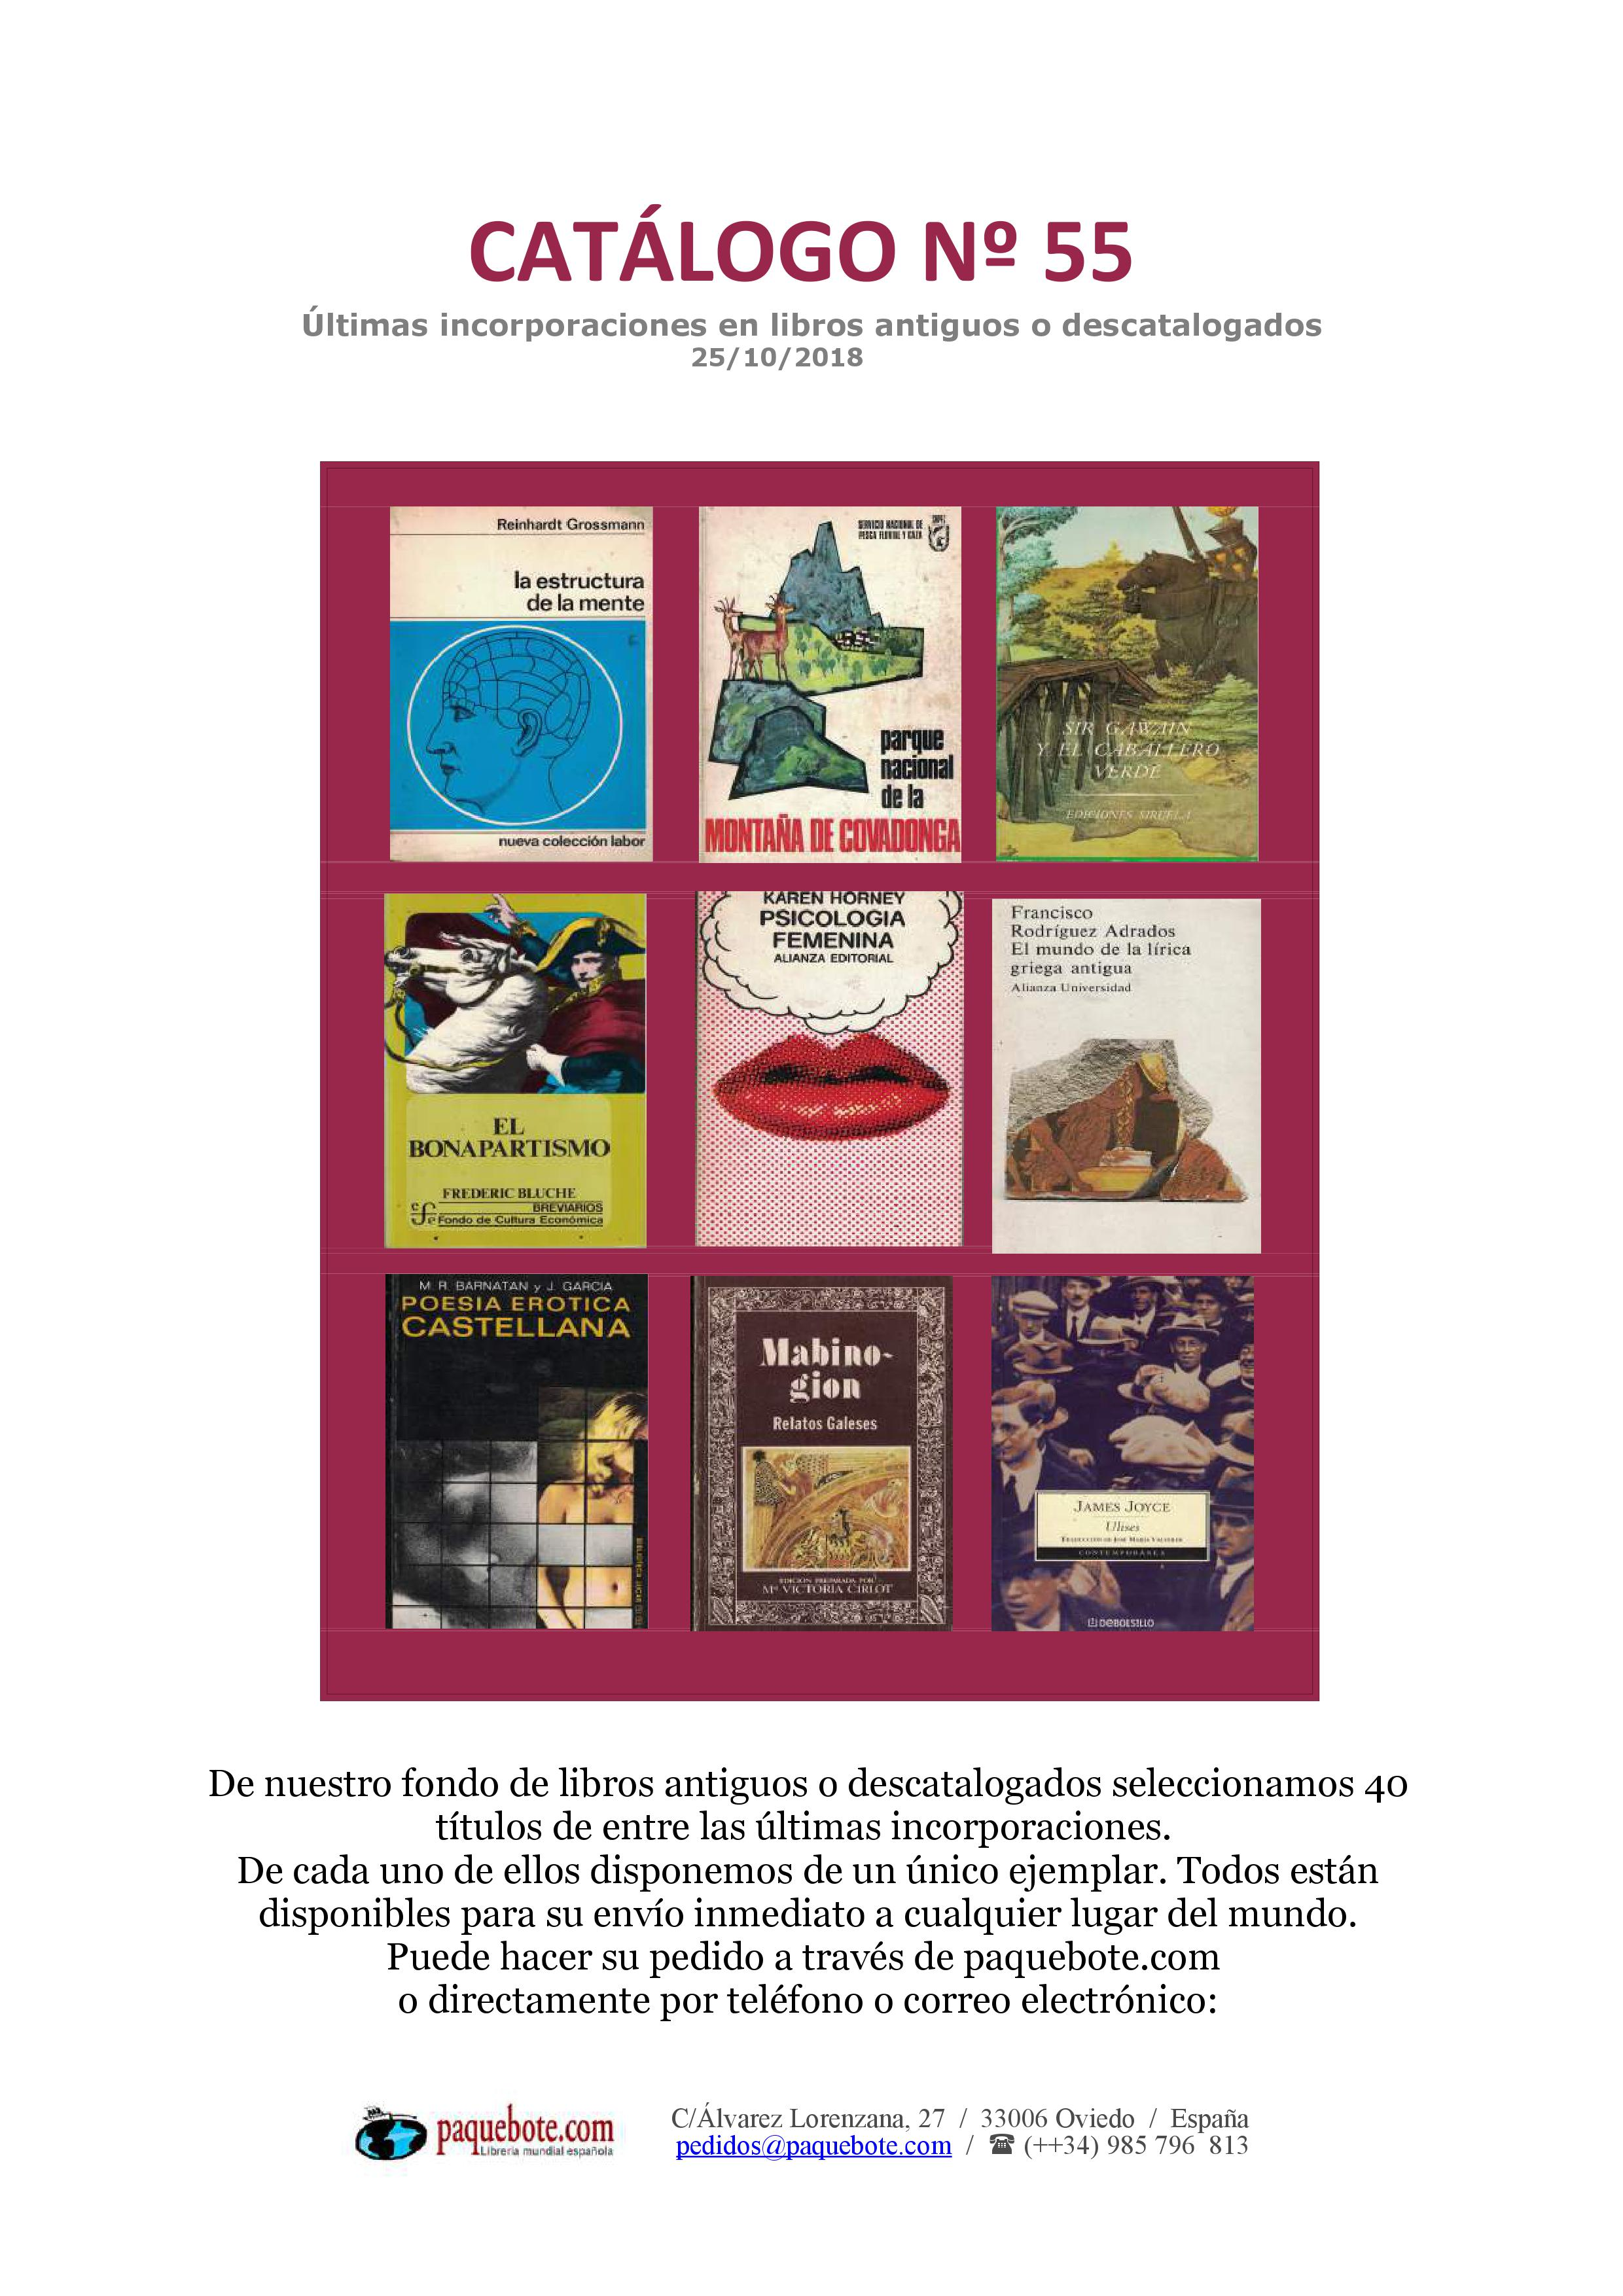 Paquebote catálogo 55